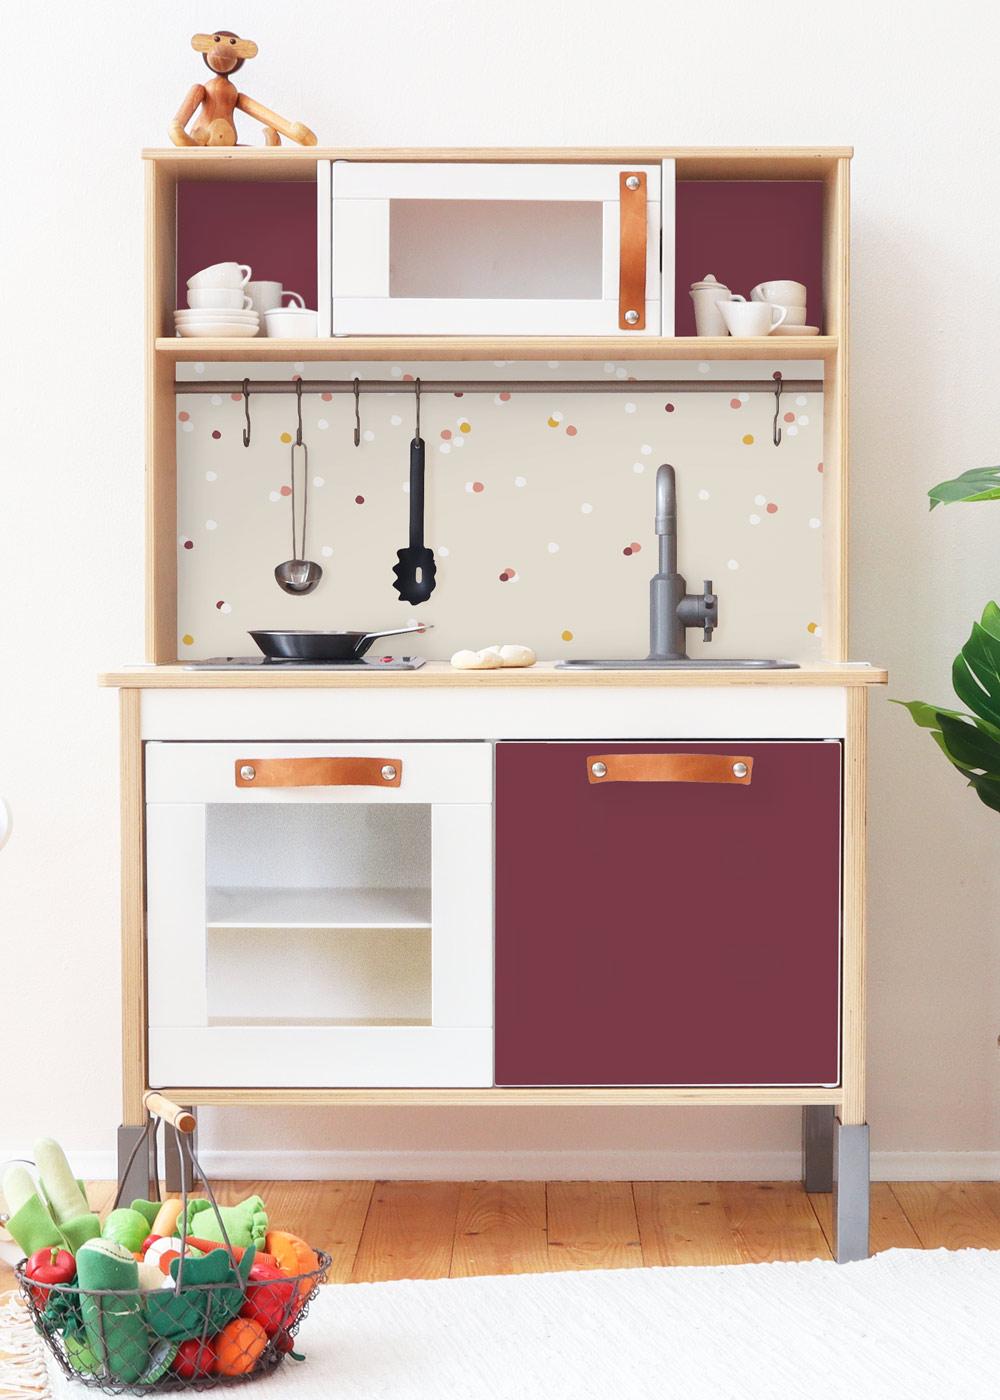 Ikea Duktig Kinderküche Beerig Beere Frontansicht